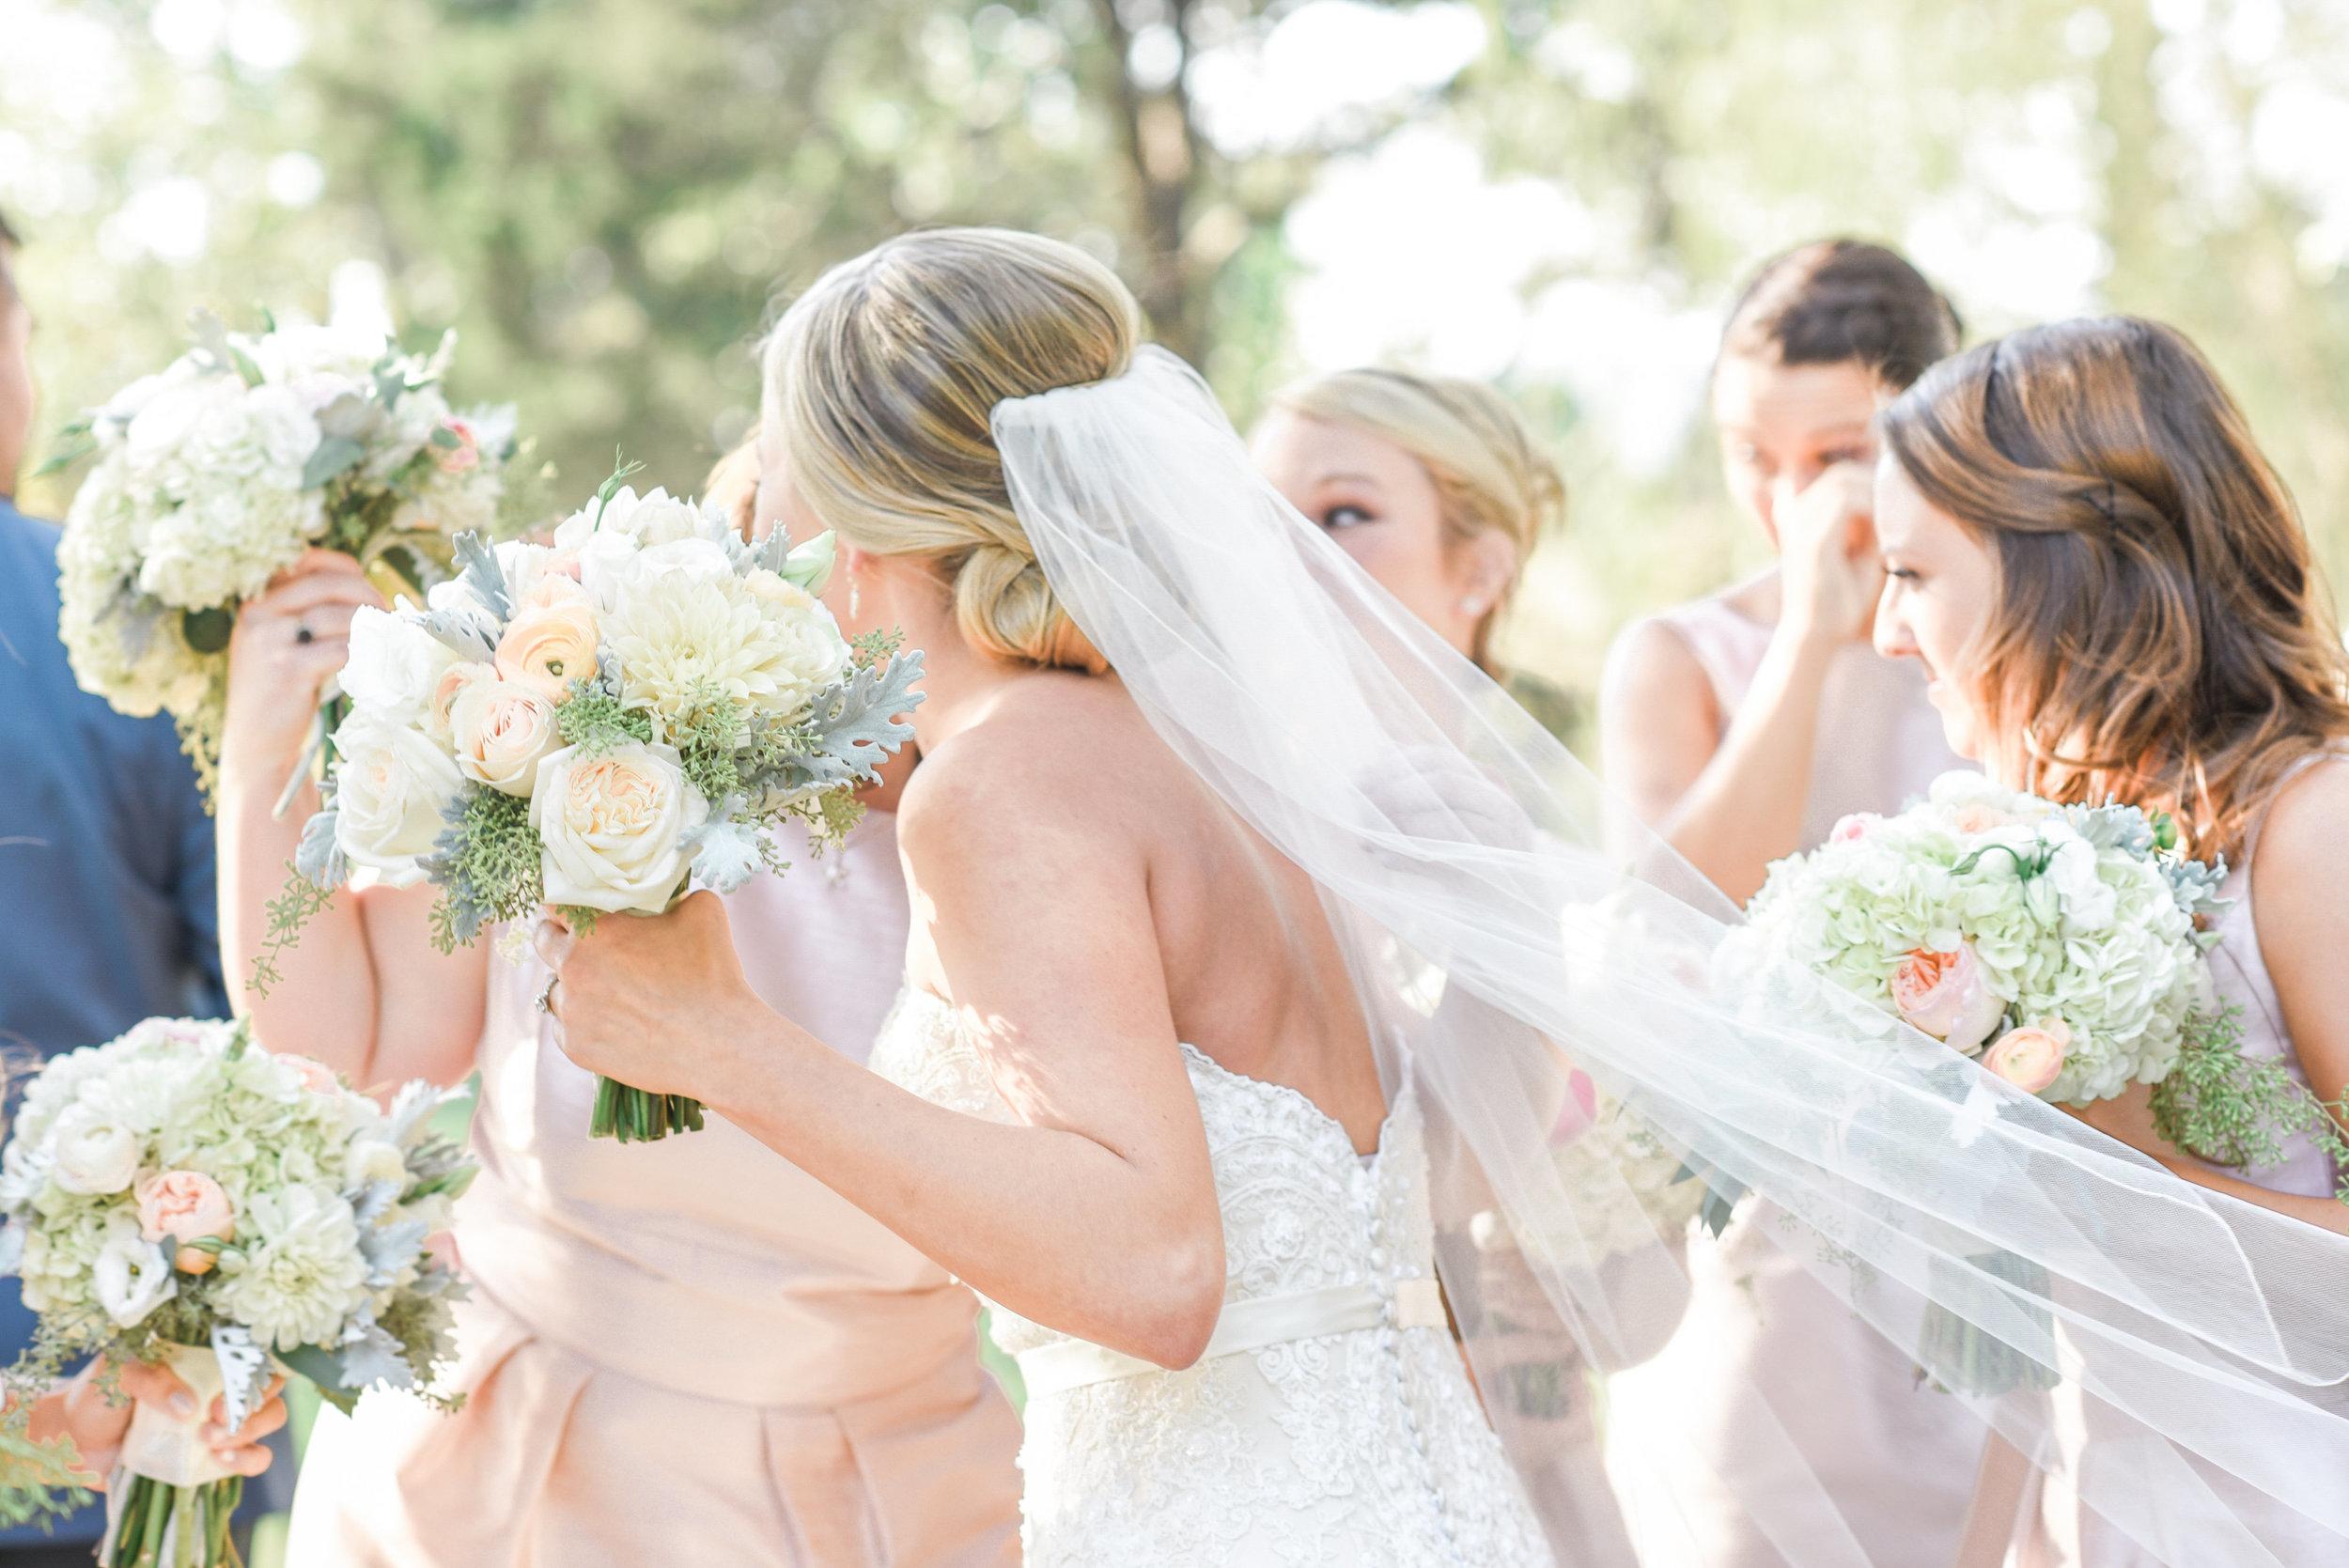 Jake Anna wedding day-post ceremony-0005.jpg